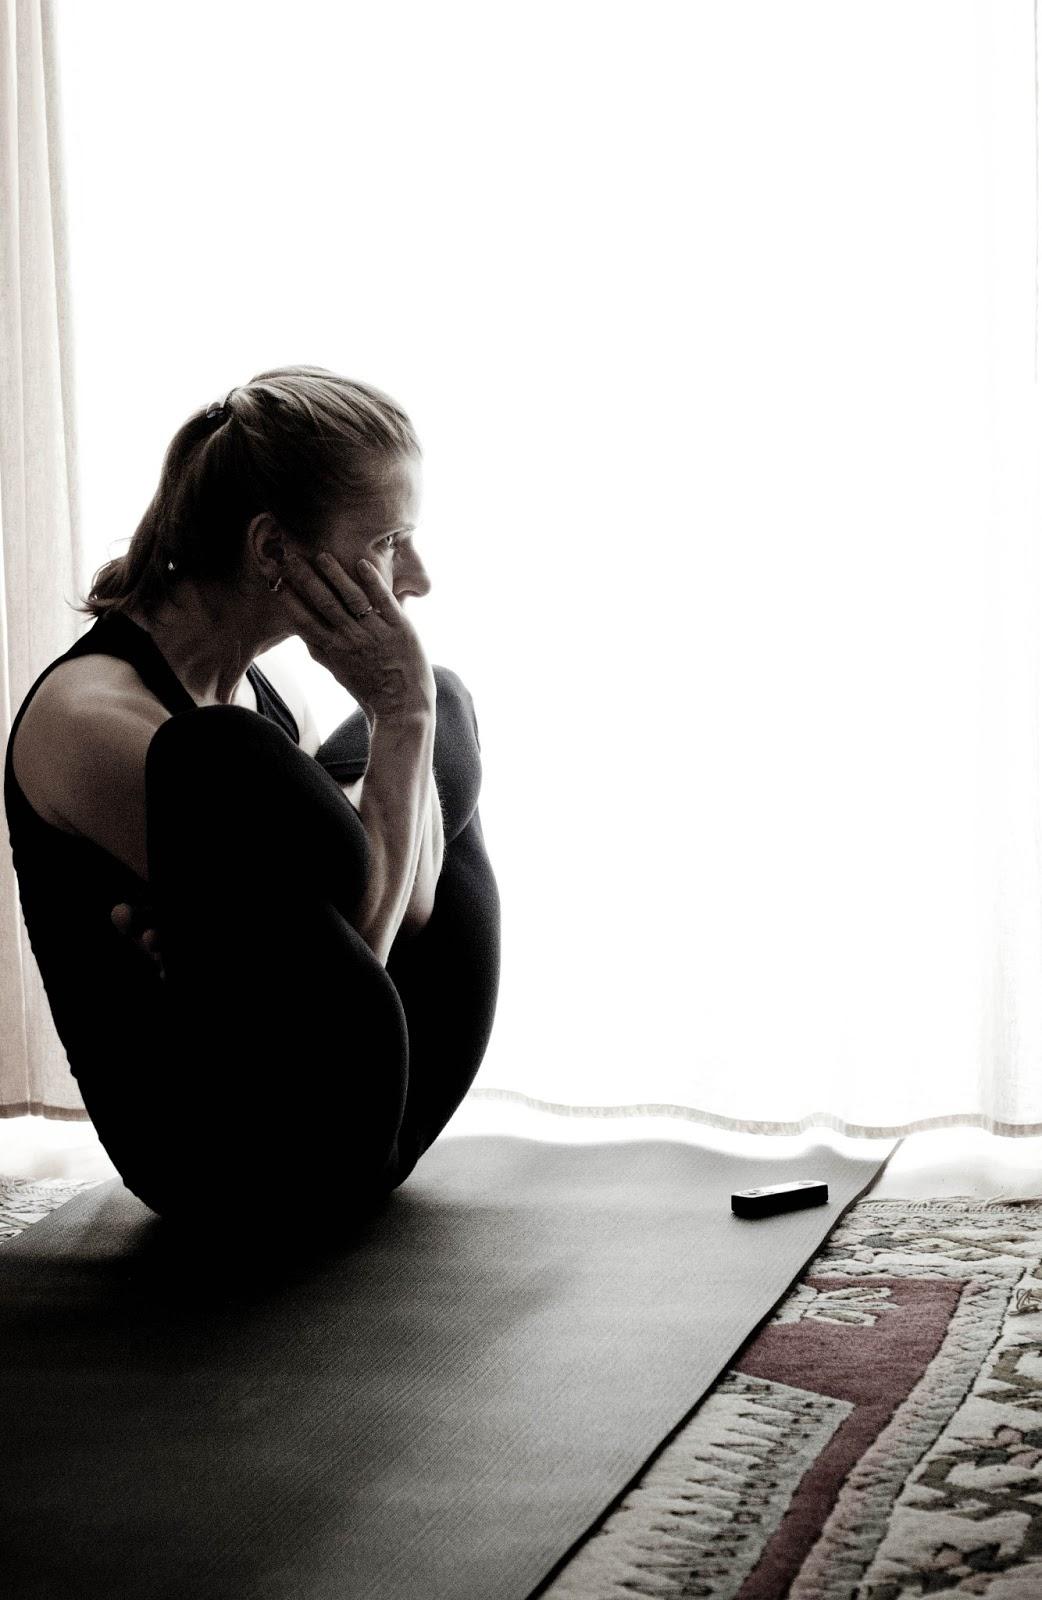 Ashtanga yoga yoga nidrasana front curl knotfront bending part 2 - 4 8